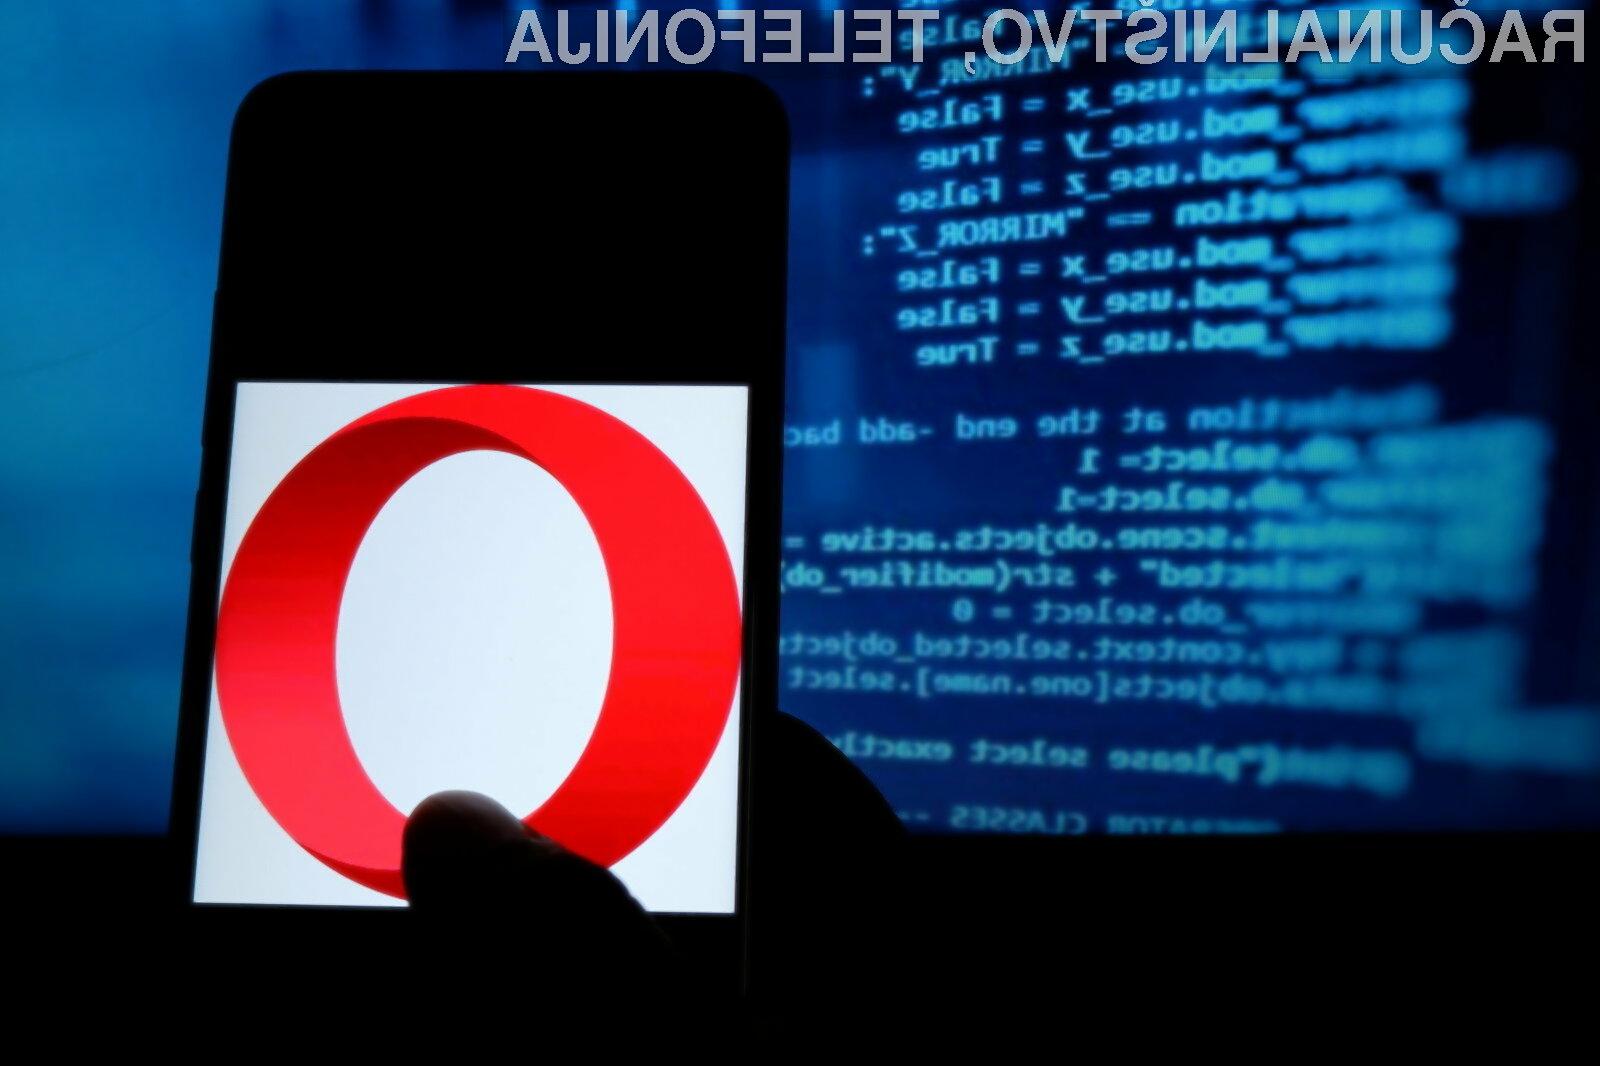 Podjetje Opera Software naj bi oderuške kredite ponujala preko aplikacij CashBean, OKash, OPay in OPesa.